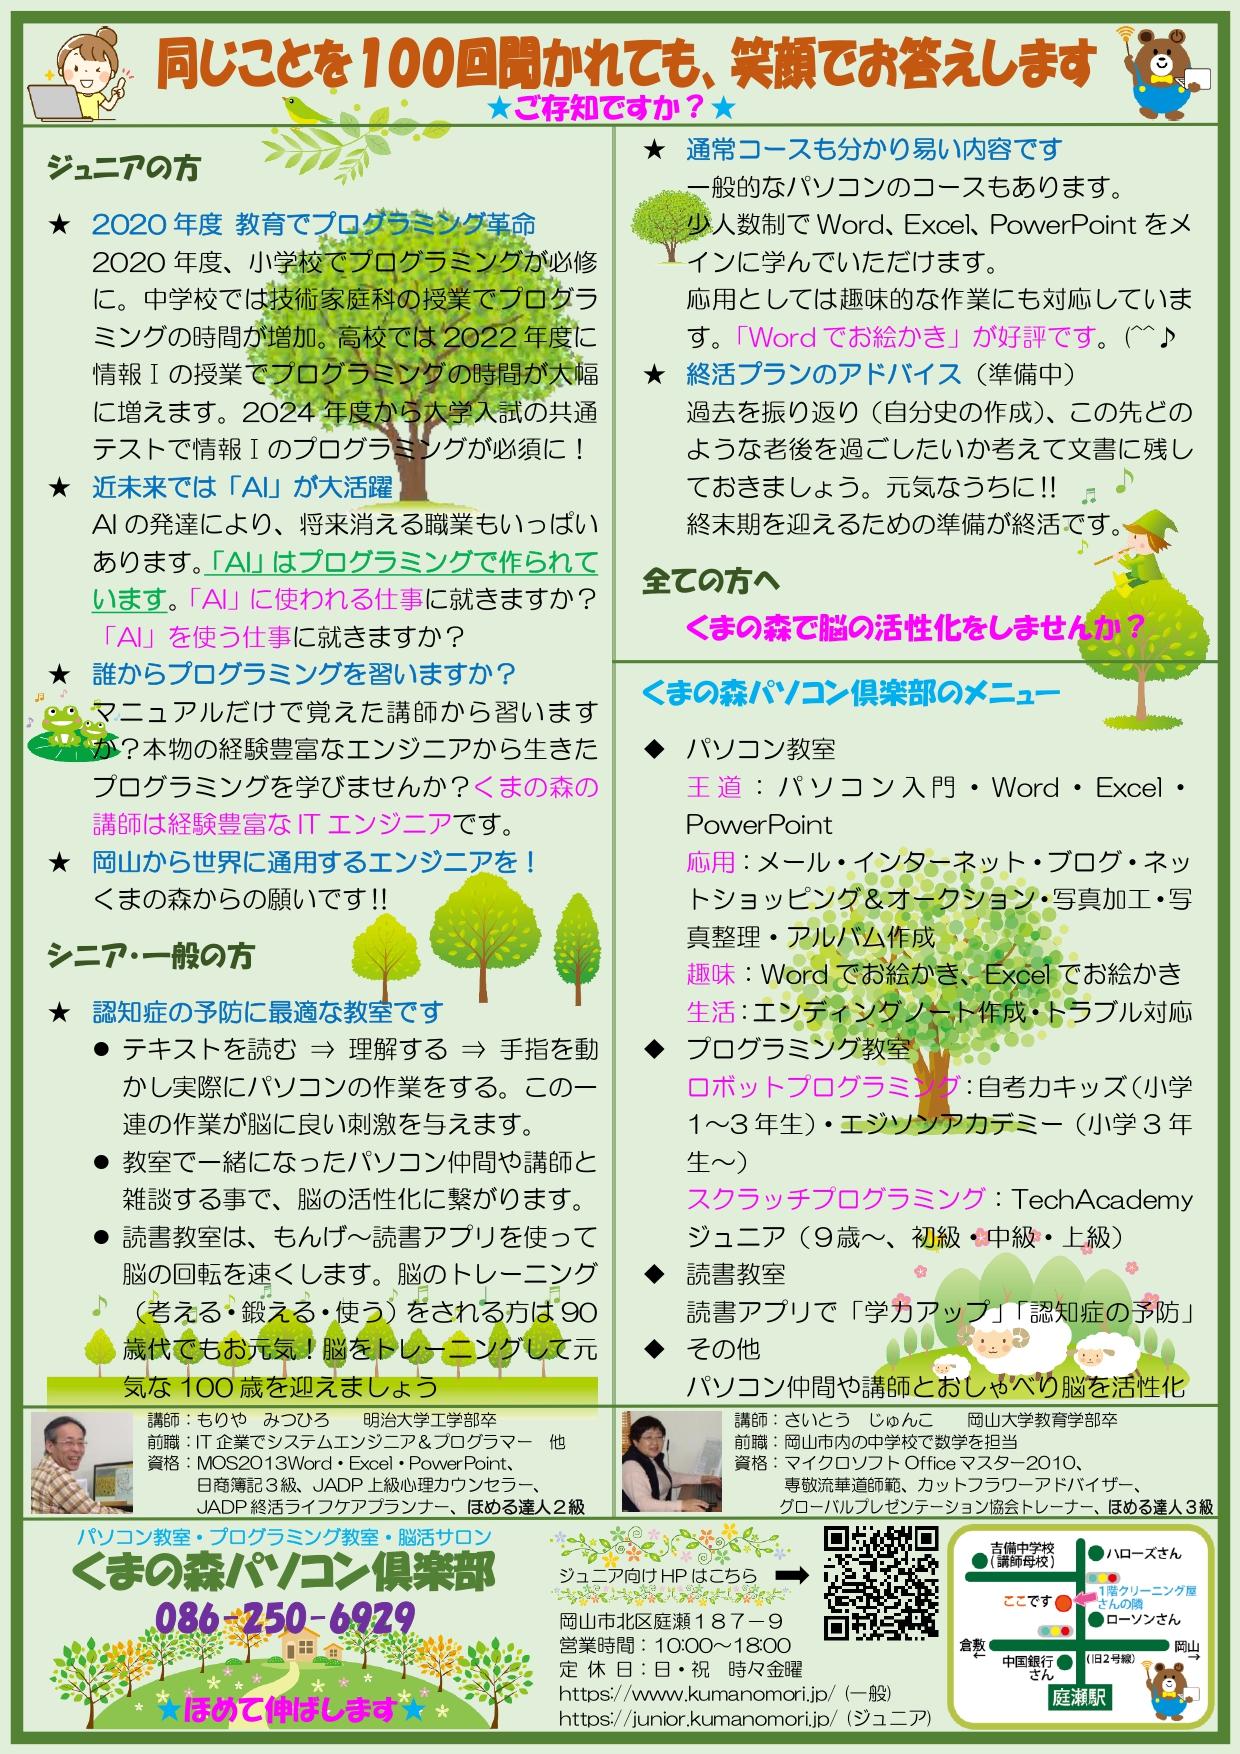 くまの森通信201910_縦_裏_page-0001